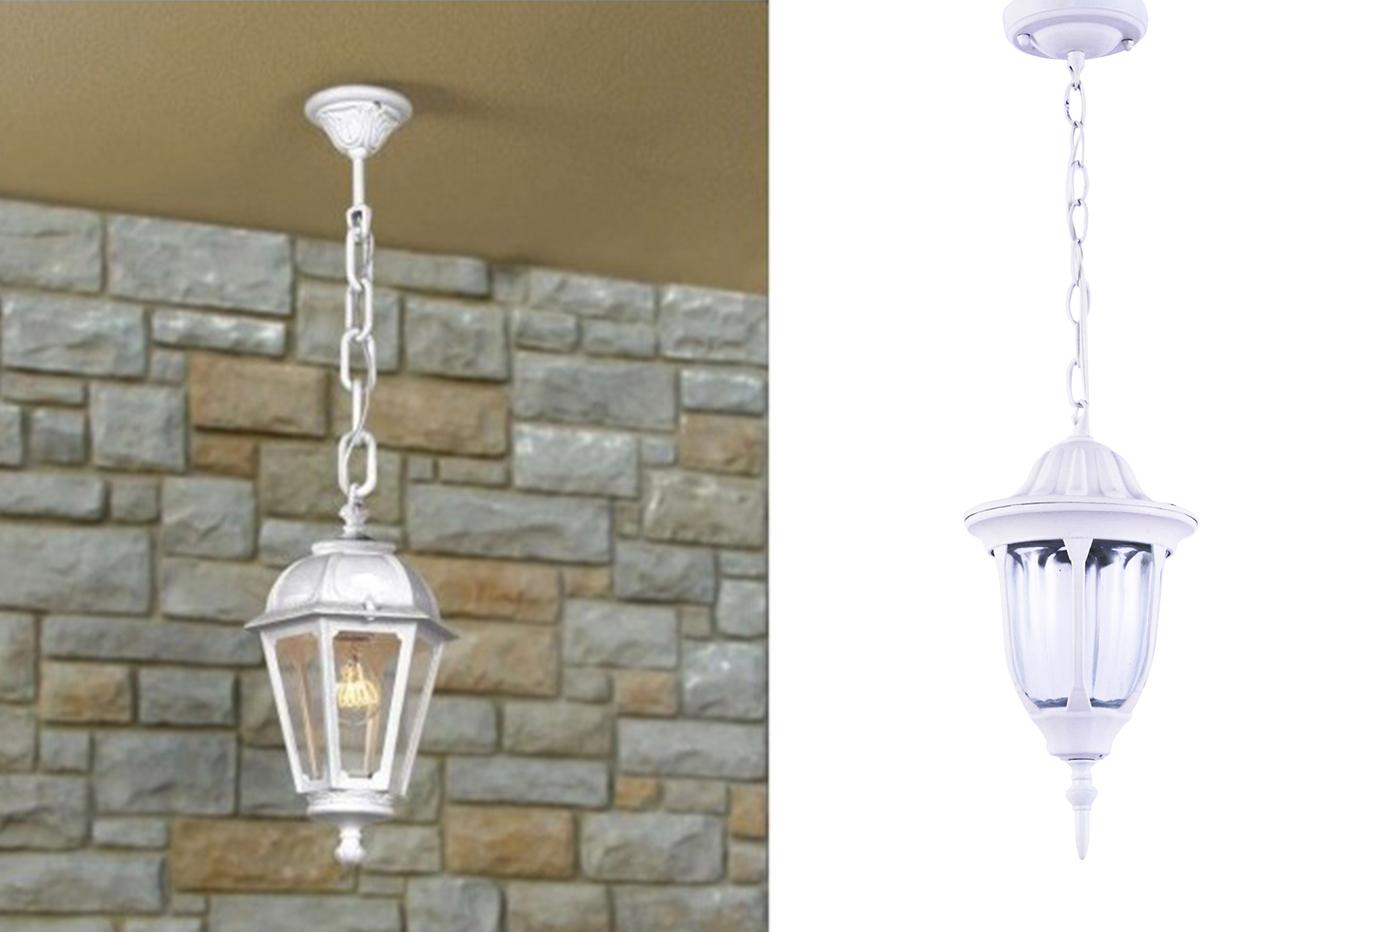 Lanterna da esterno bianca lanterna da parete bianca bes applique